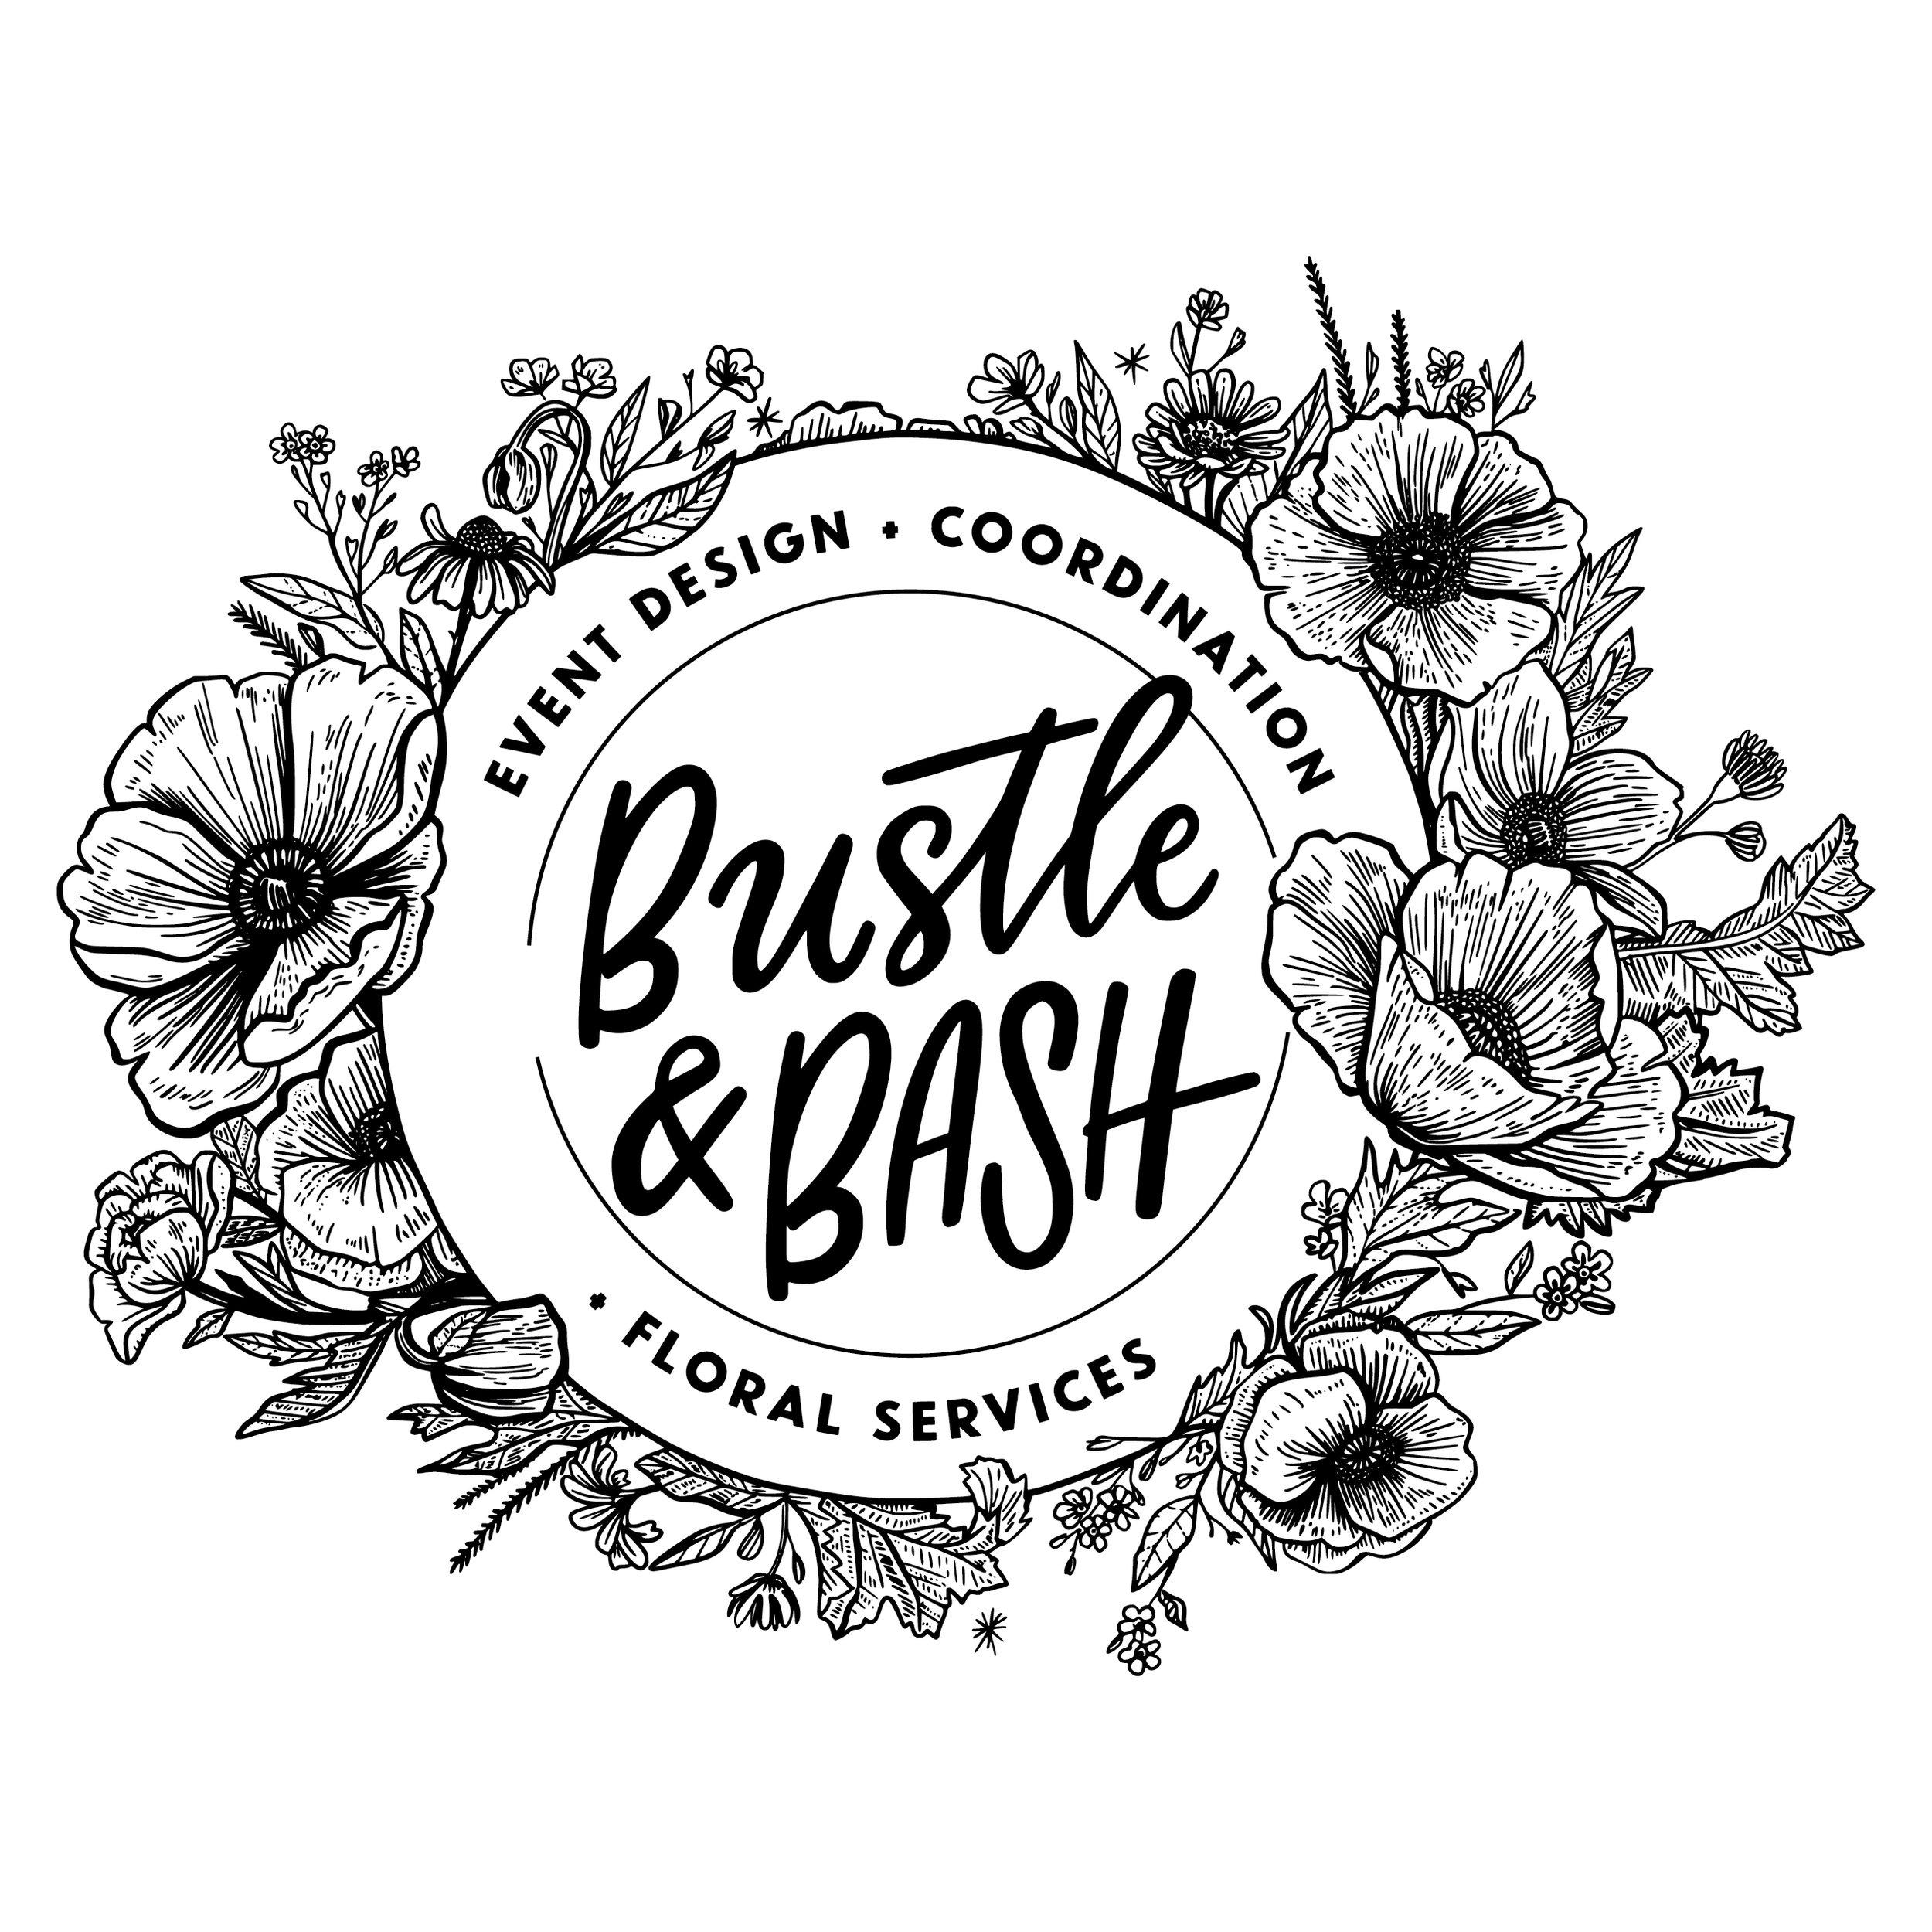 bustlebash_logo.jpg